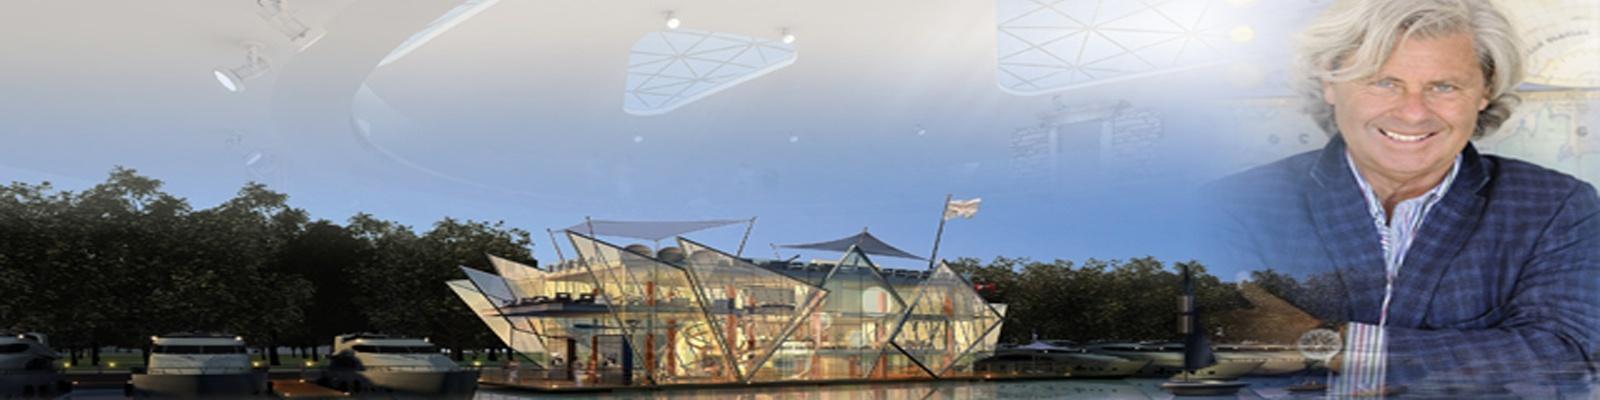 « Le symbolisme en architecture et la nouvelle Route de la soie » : conférence par Jean-Pierre Heim